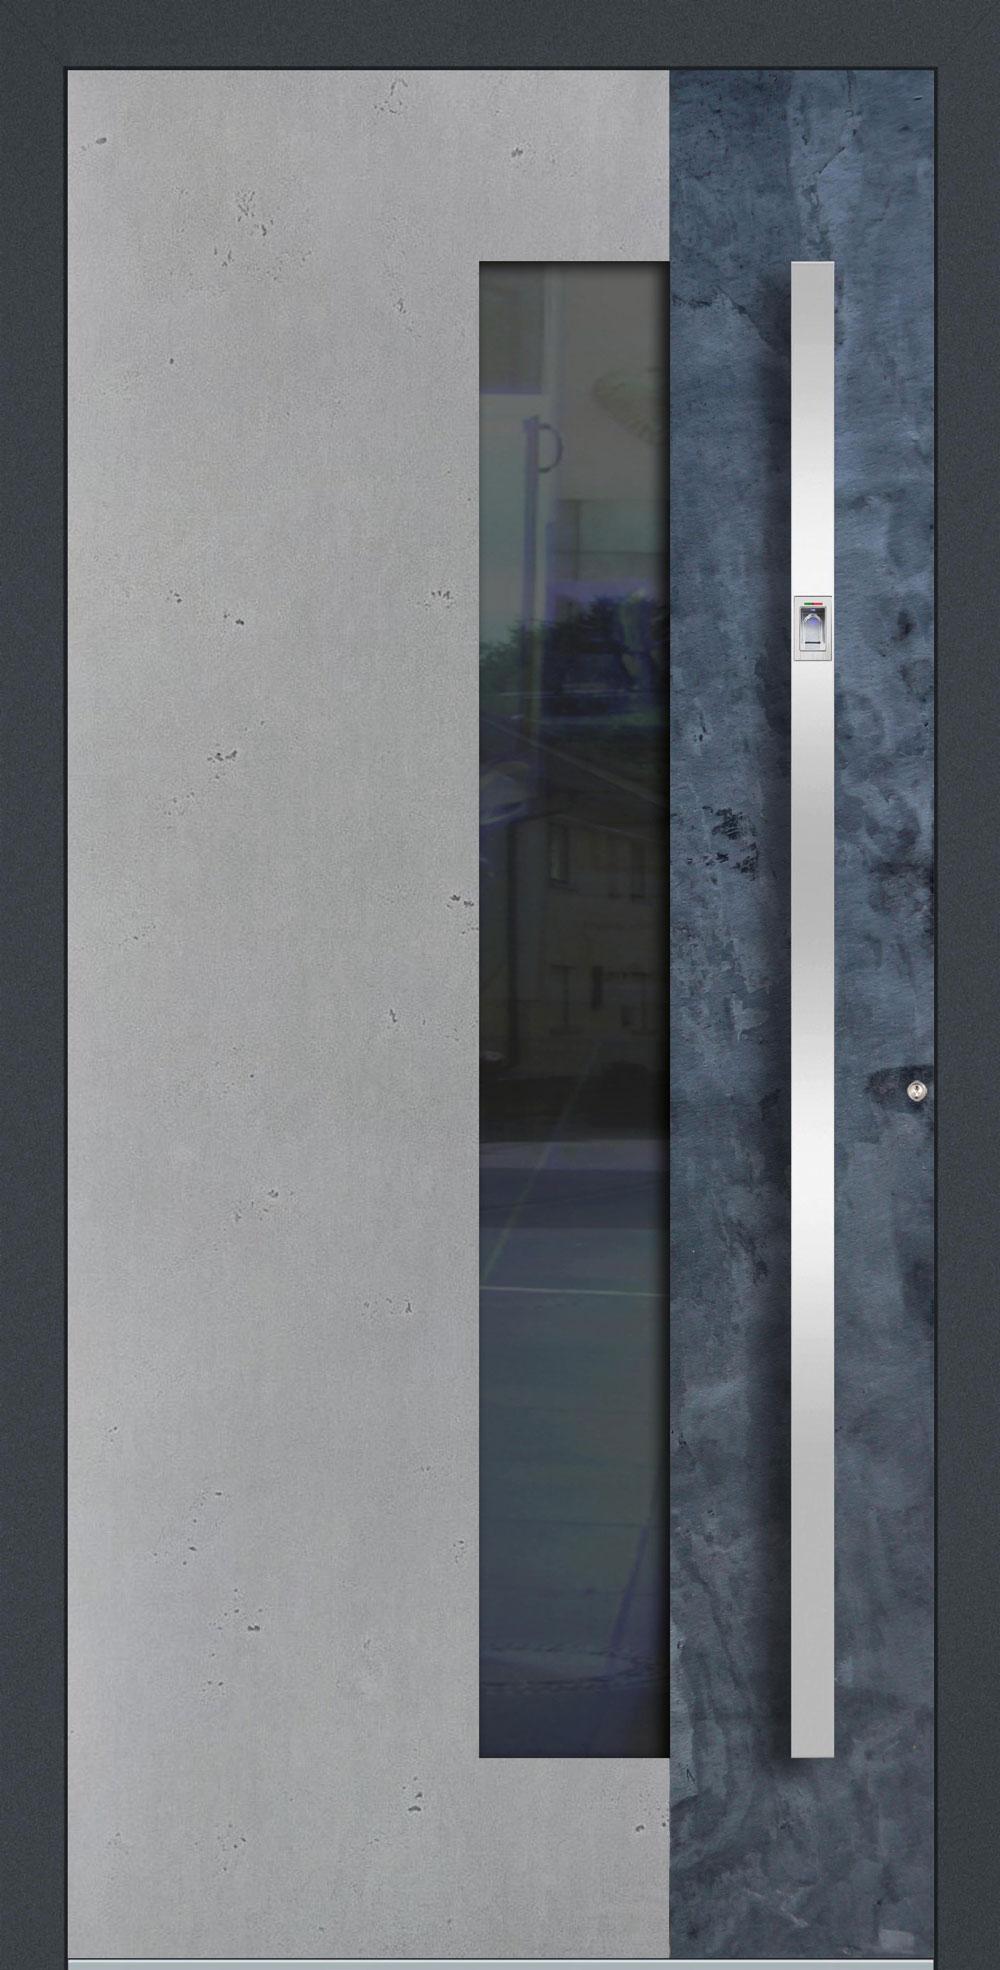 BSG01 ISO-Wärmeschutzverglasung klar Betonoptik Vintage mit Echtschiefer-Applikation einseitig außen Anwendungsbeispiel in flügelüberdeckend, Edelstahlgriff 11090 ES mit integriertem Fingerprint